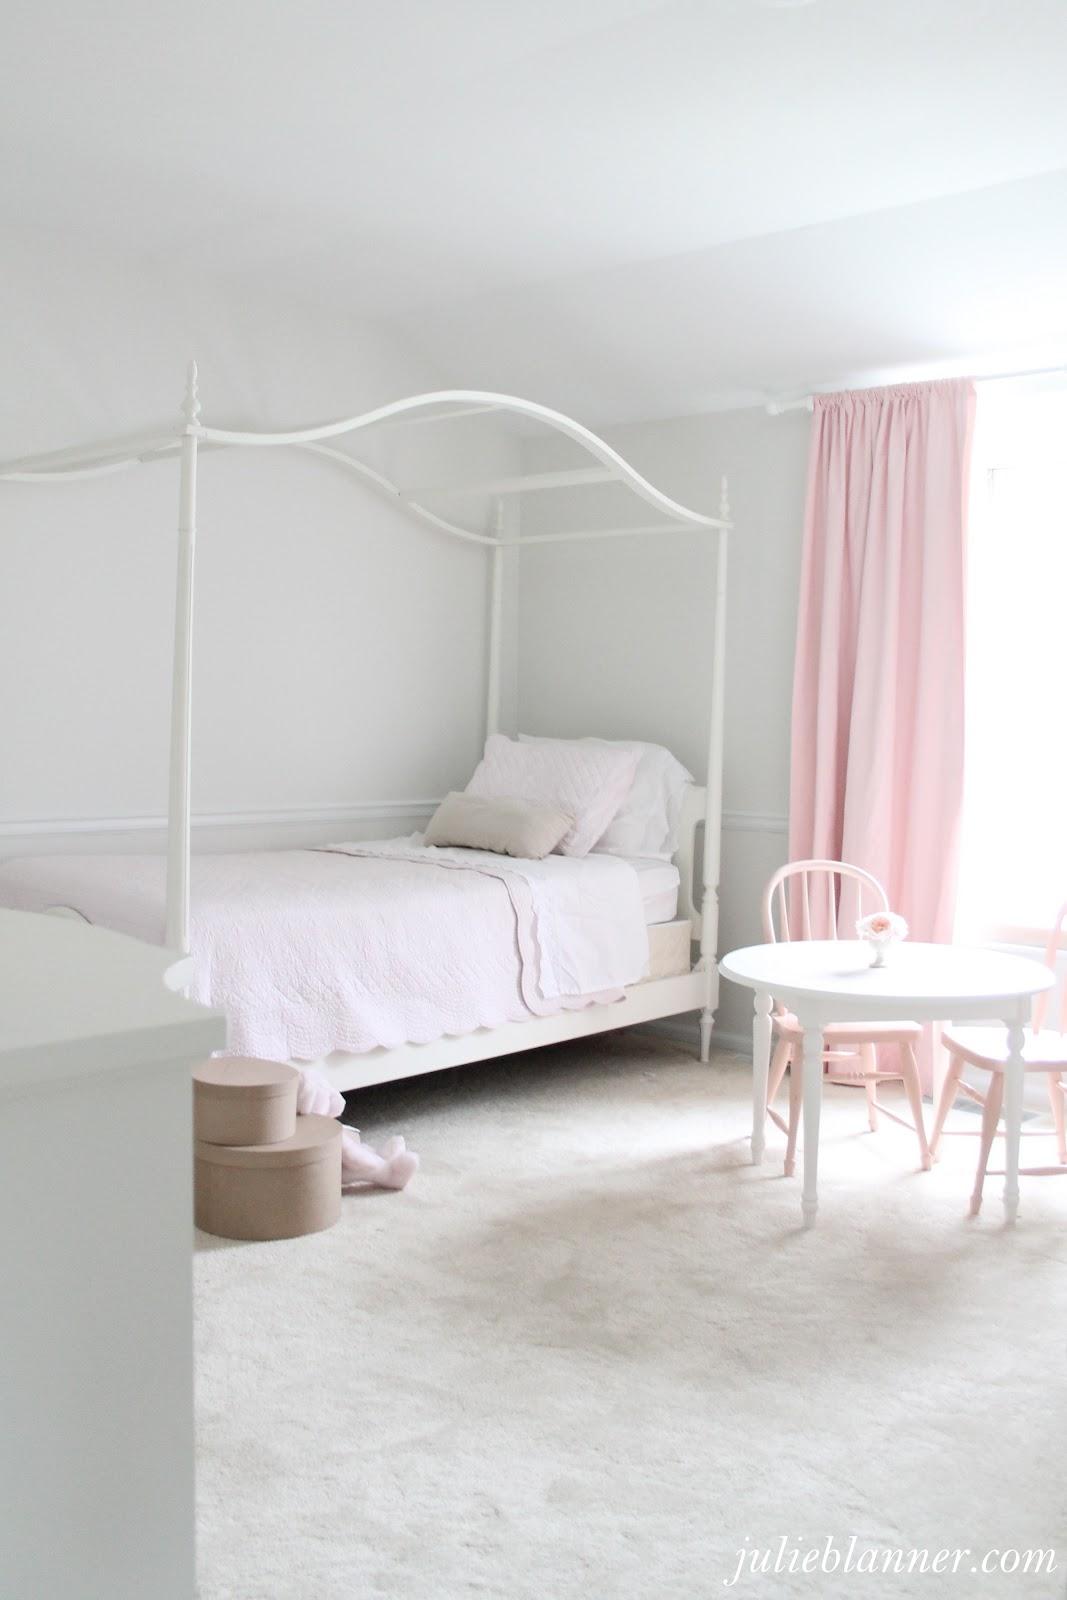 Baby Room Rocking Chair Dr Kincaid Adalyn's Pink And Cream Bedroom - Julie Blanner